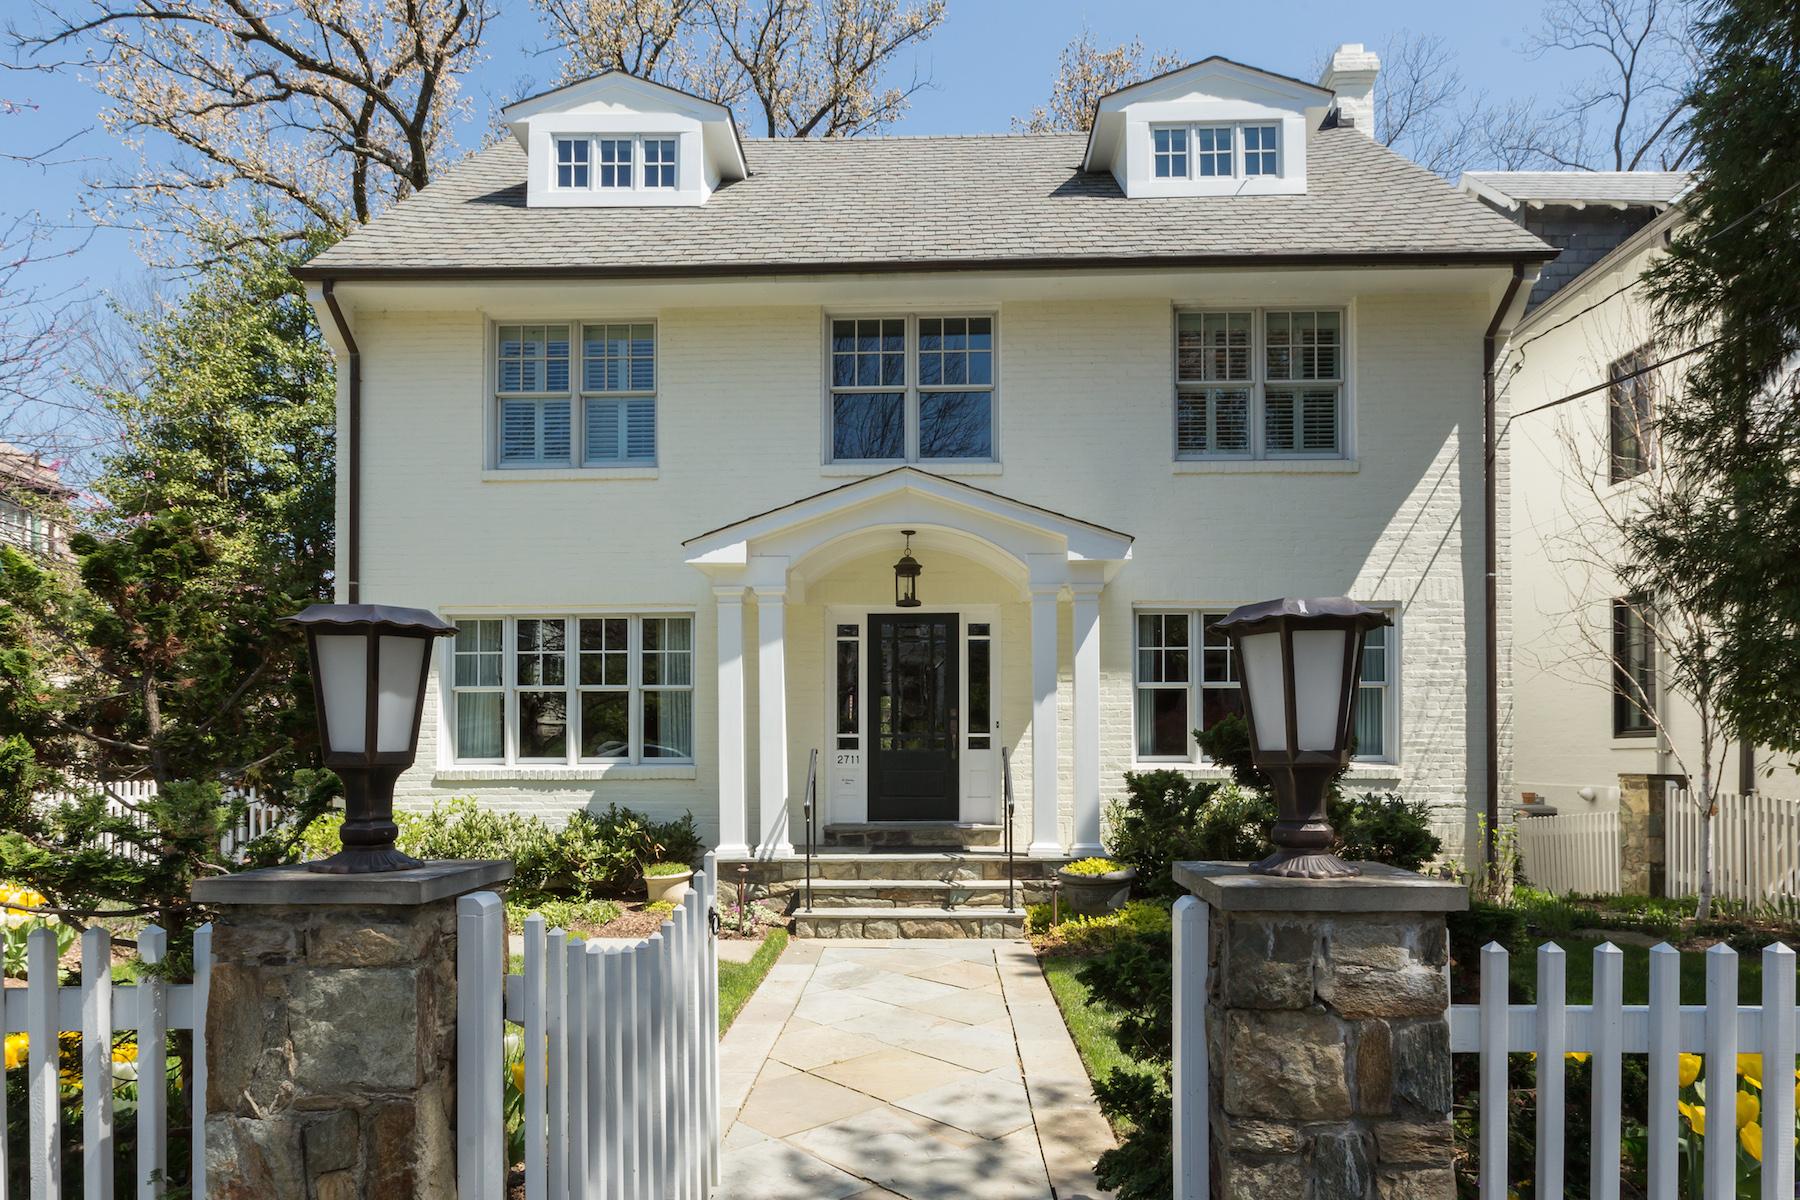 一戸建て のために 売買 アット 2711 36th Street Nw, Washington Washington, コロンビア特別区, 20007 アメリカ合衆国